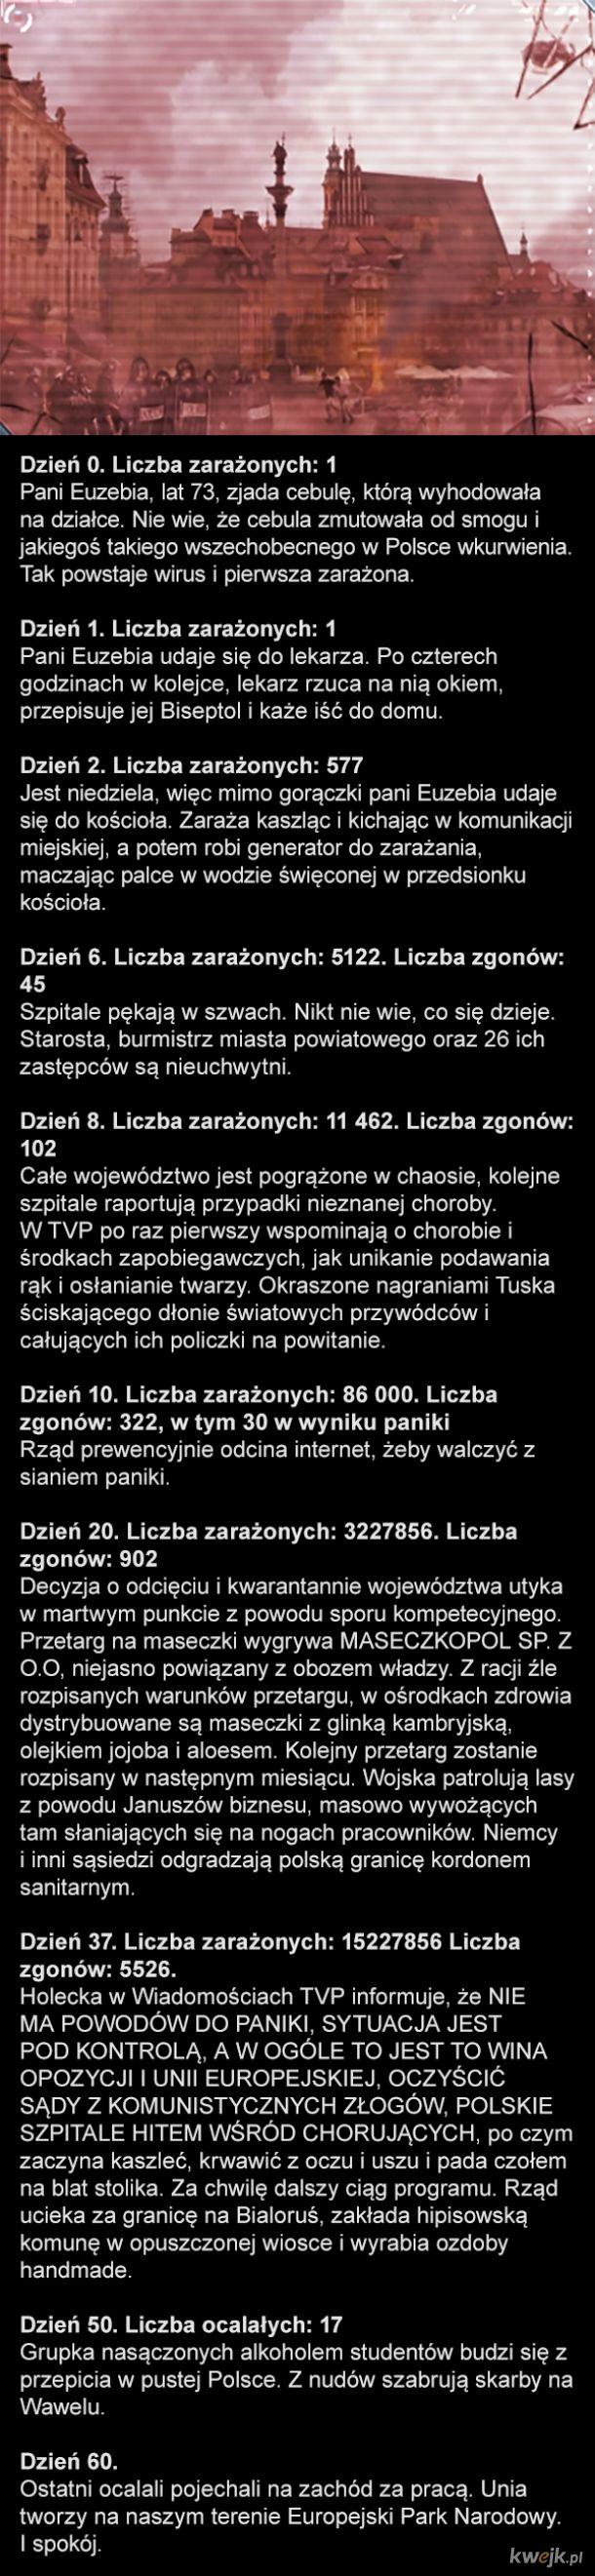 Symulacja wirusa w Polsce